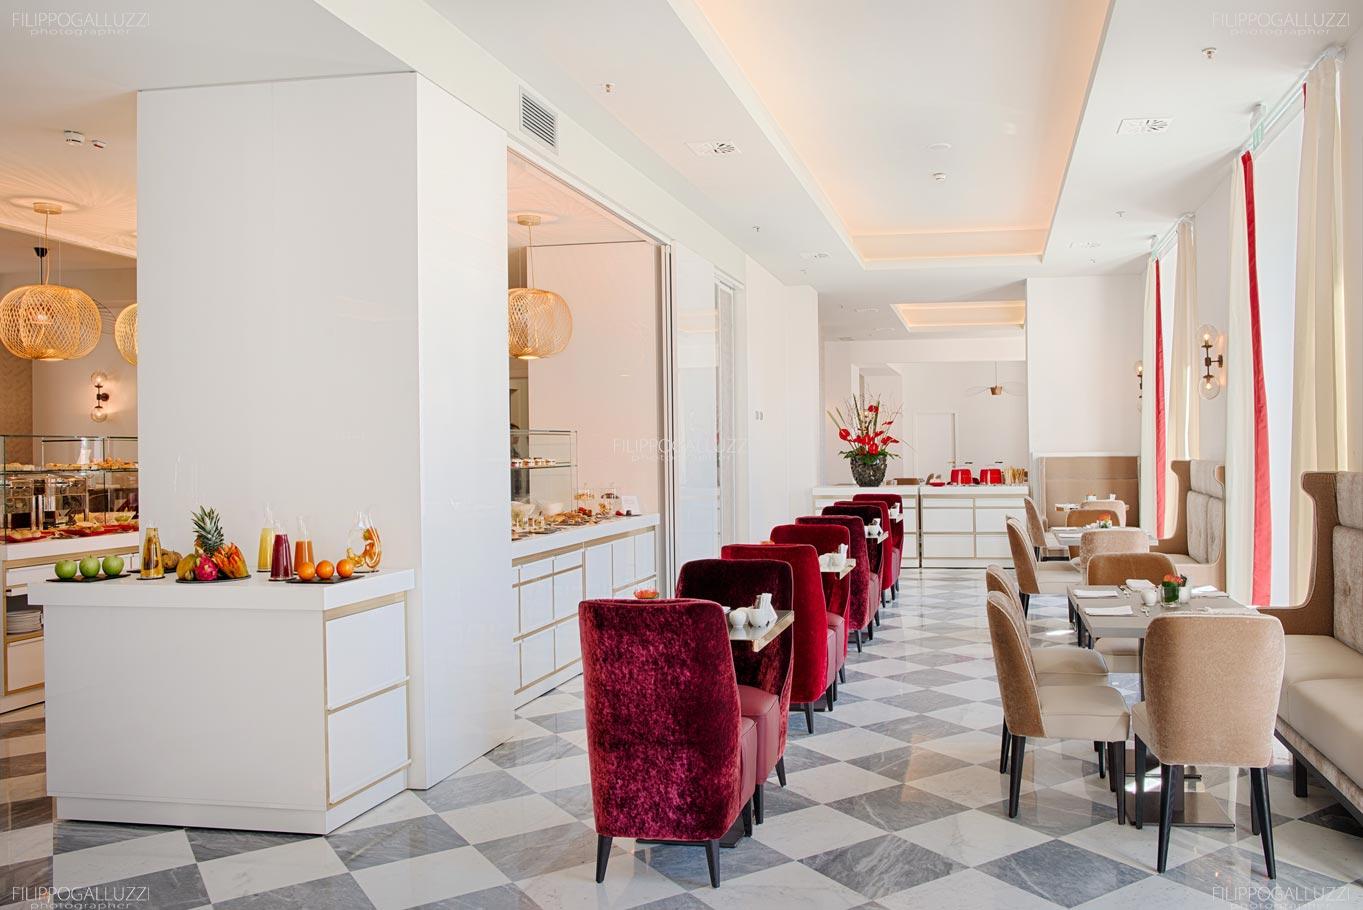 servizi fotografici luxury hotels roma